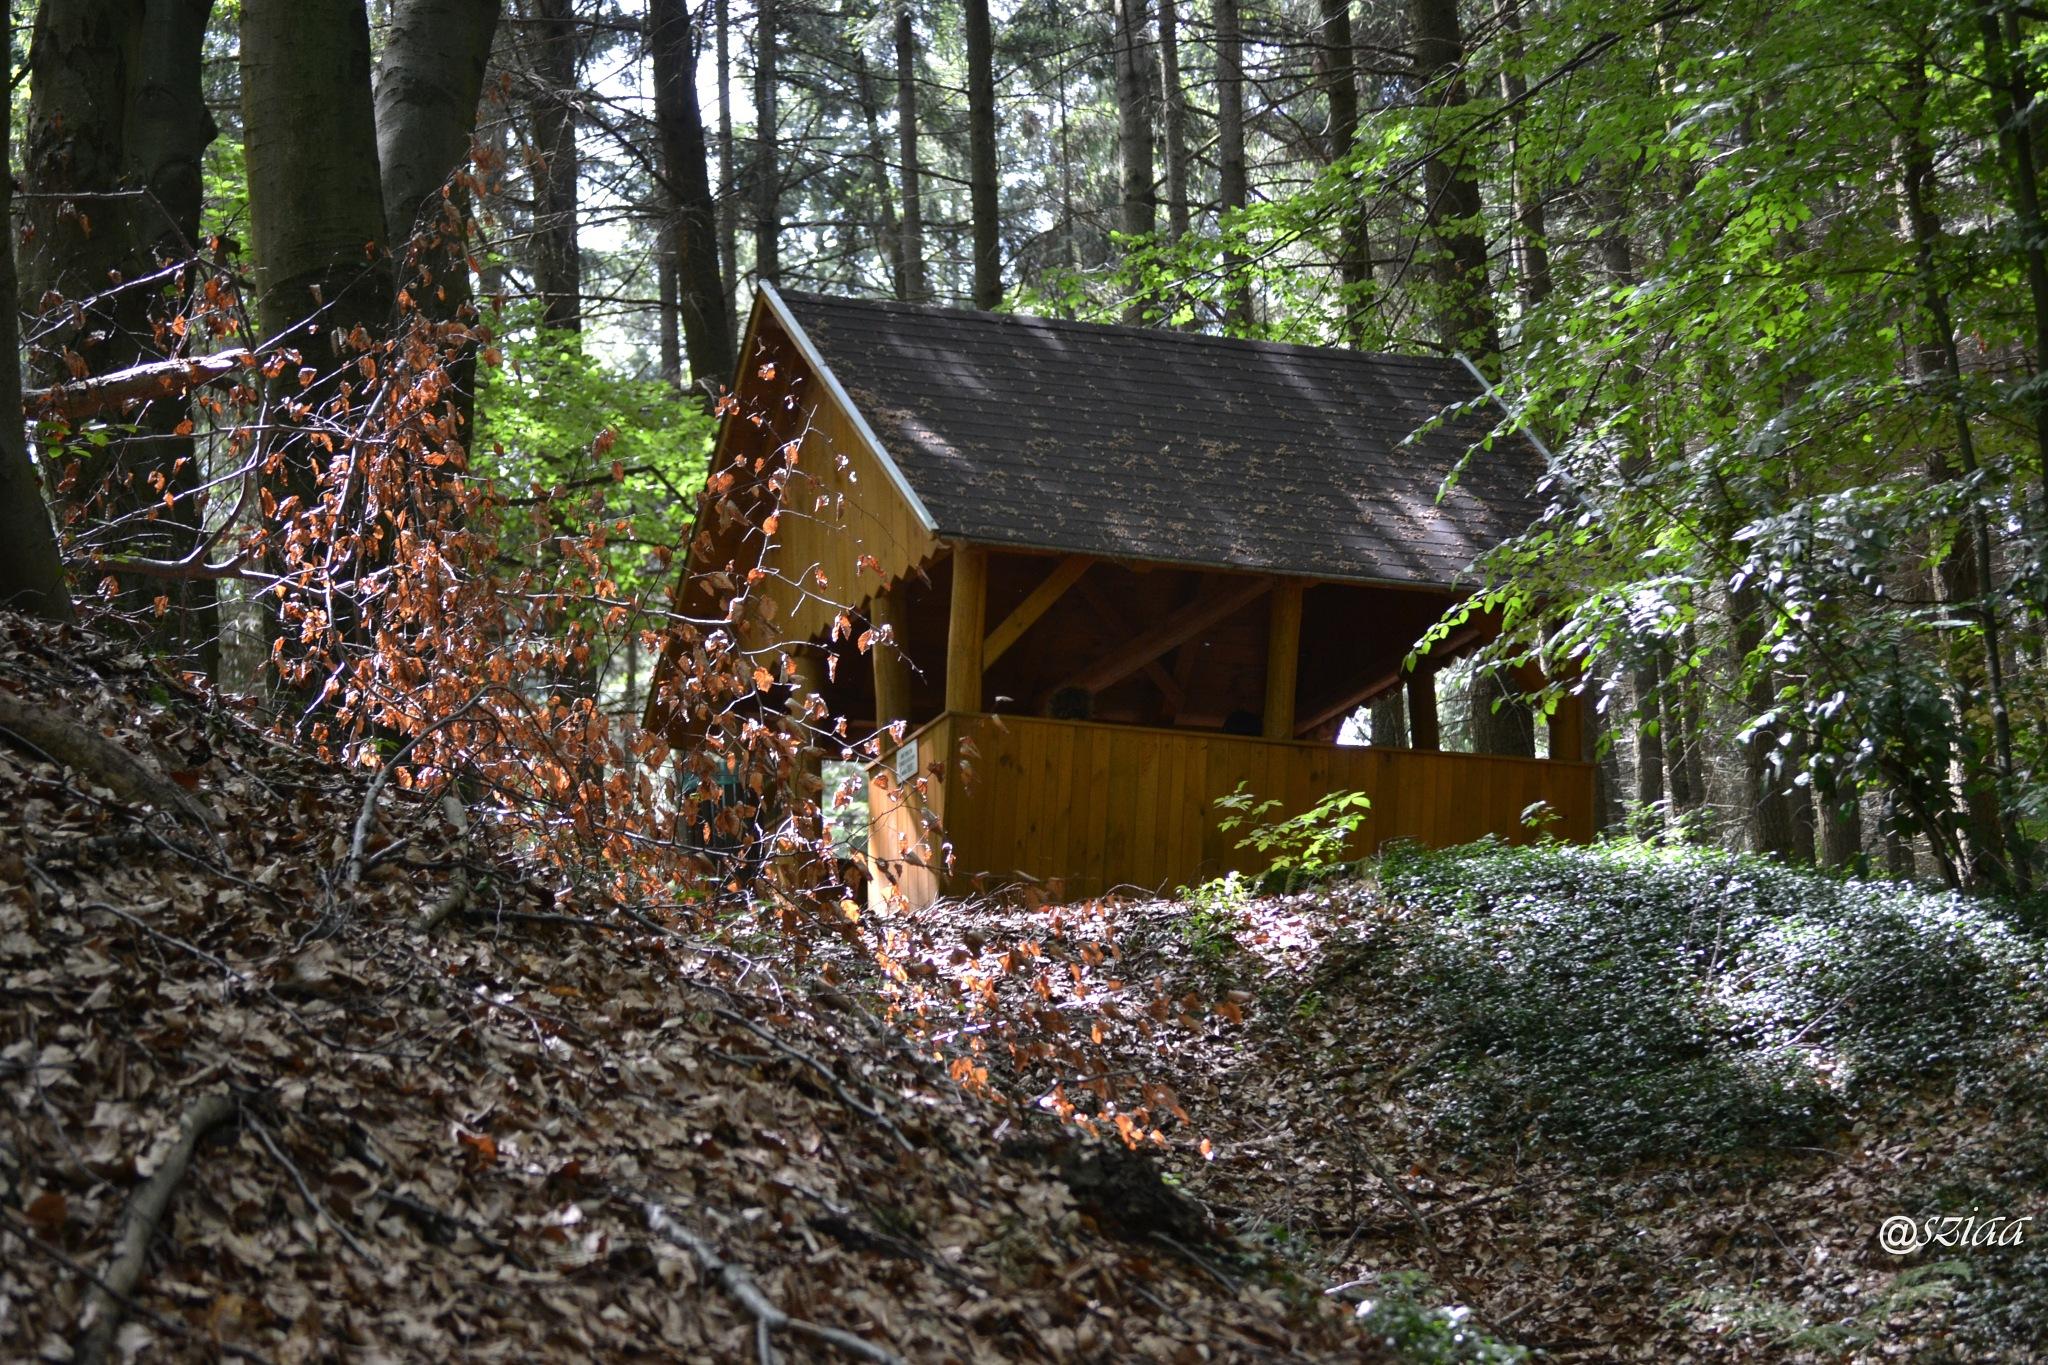 Kám, Jeli Arborétum, természetvédelmi terület by sziaa